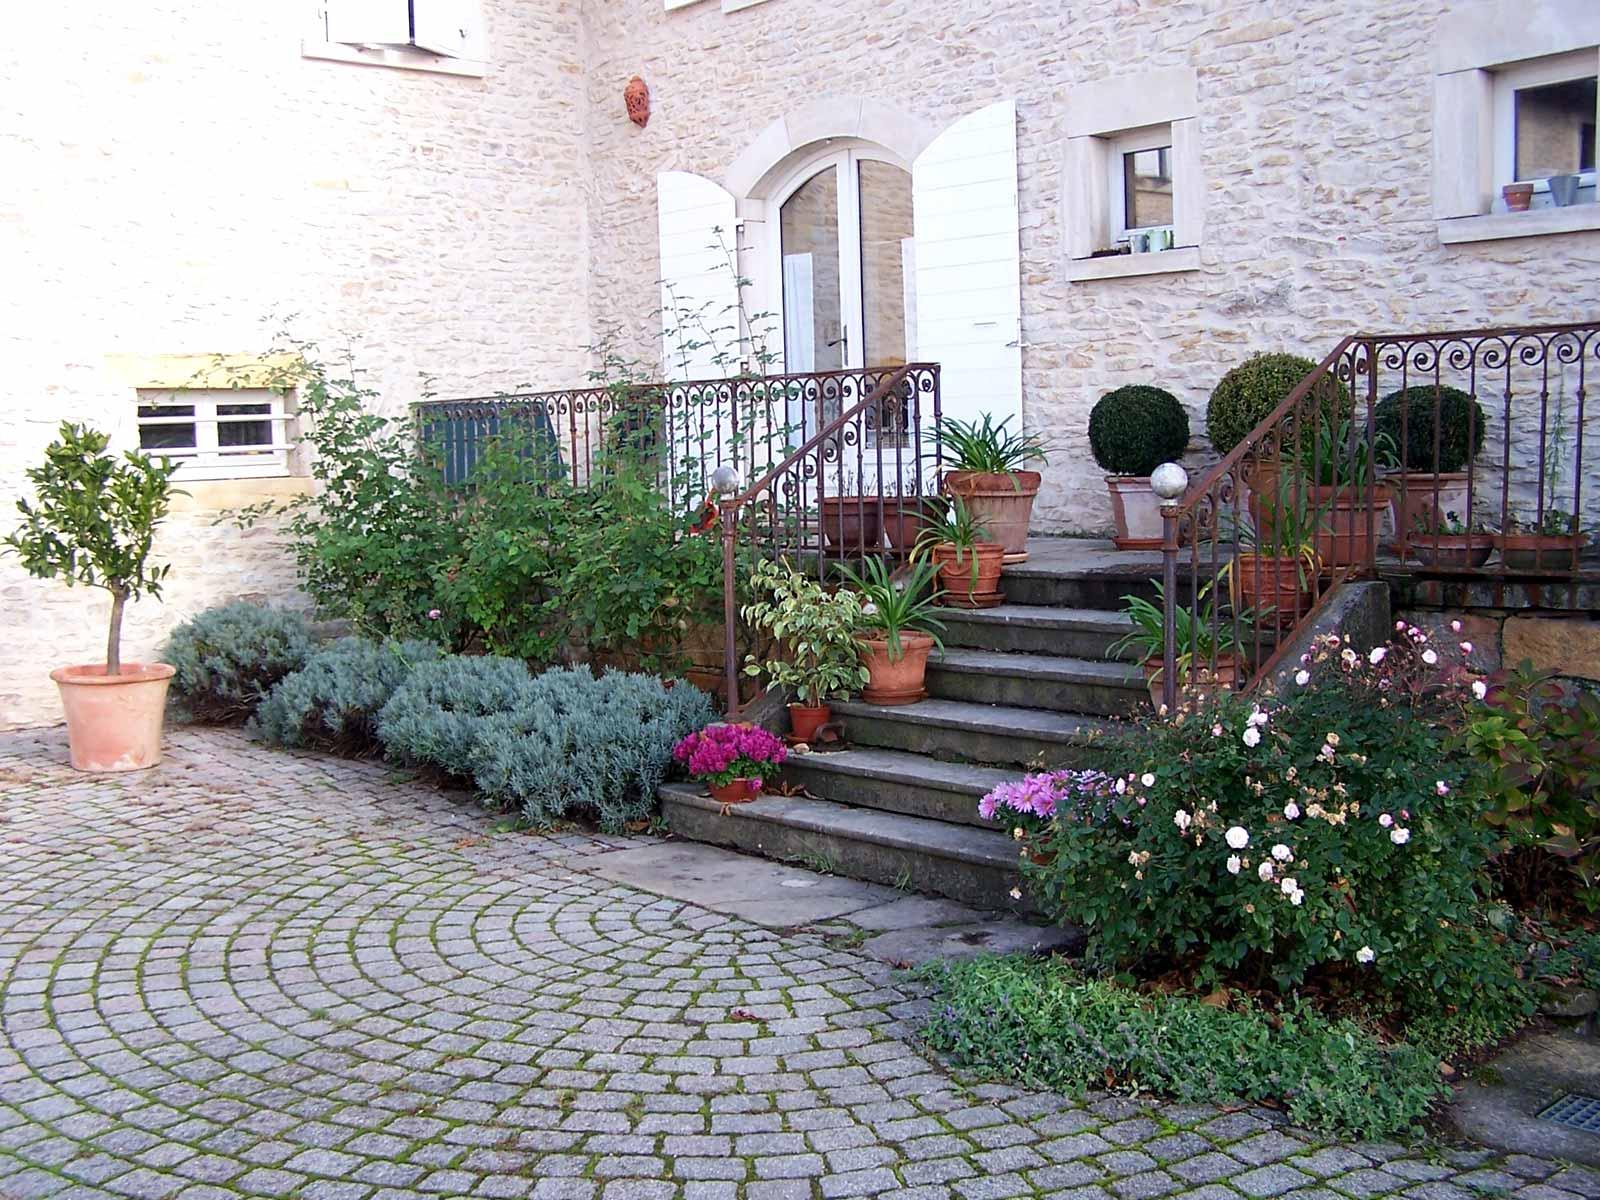 chambre-d-hote-charme-beaujolais